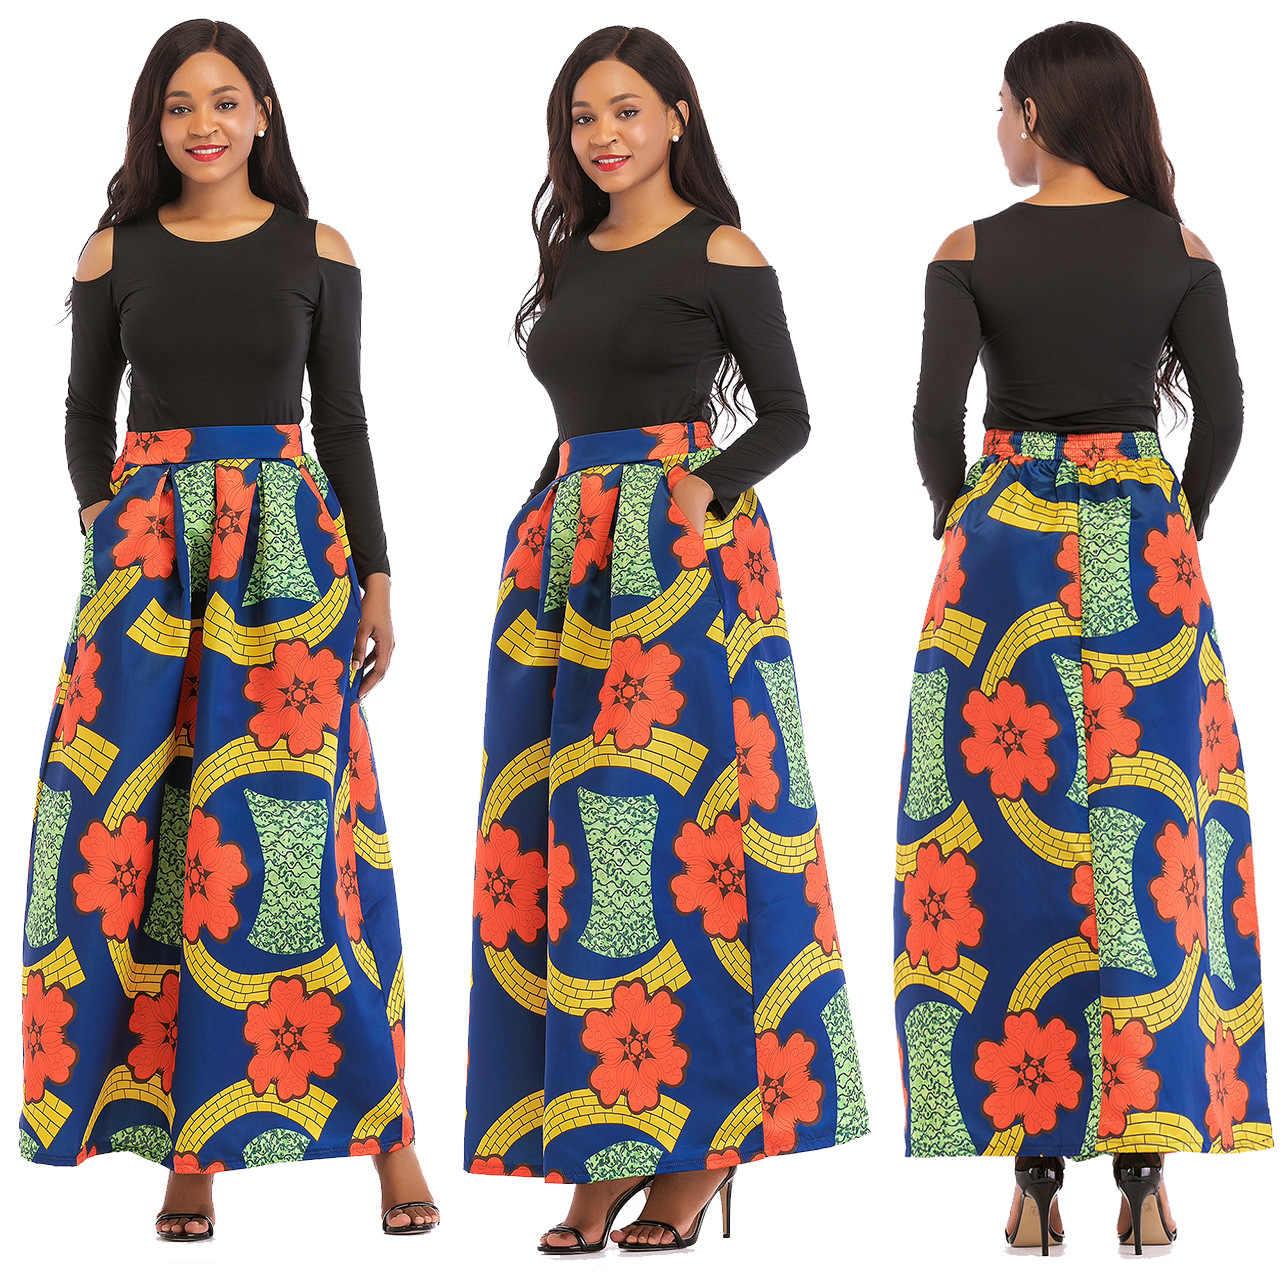 Afrika Kleidung African Anzug Für Frauen Sets Neue Afrikanische Druck Elastische Bazin Baggy Röcke Rock Stil Dashiki Hülse Anzug Für dame